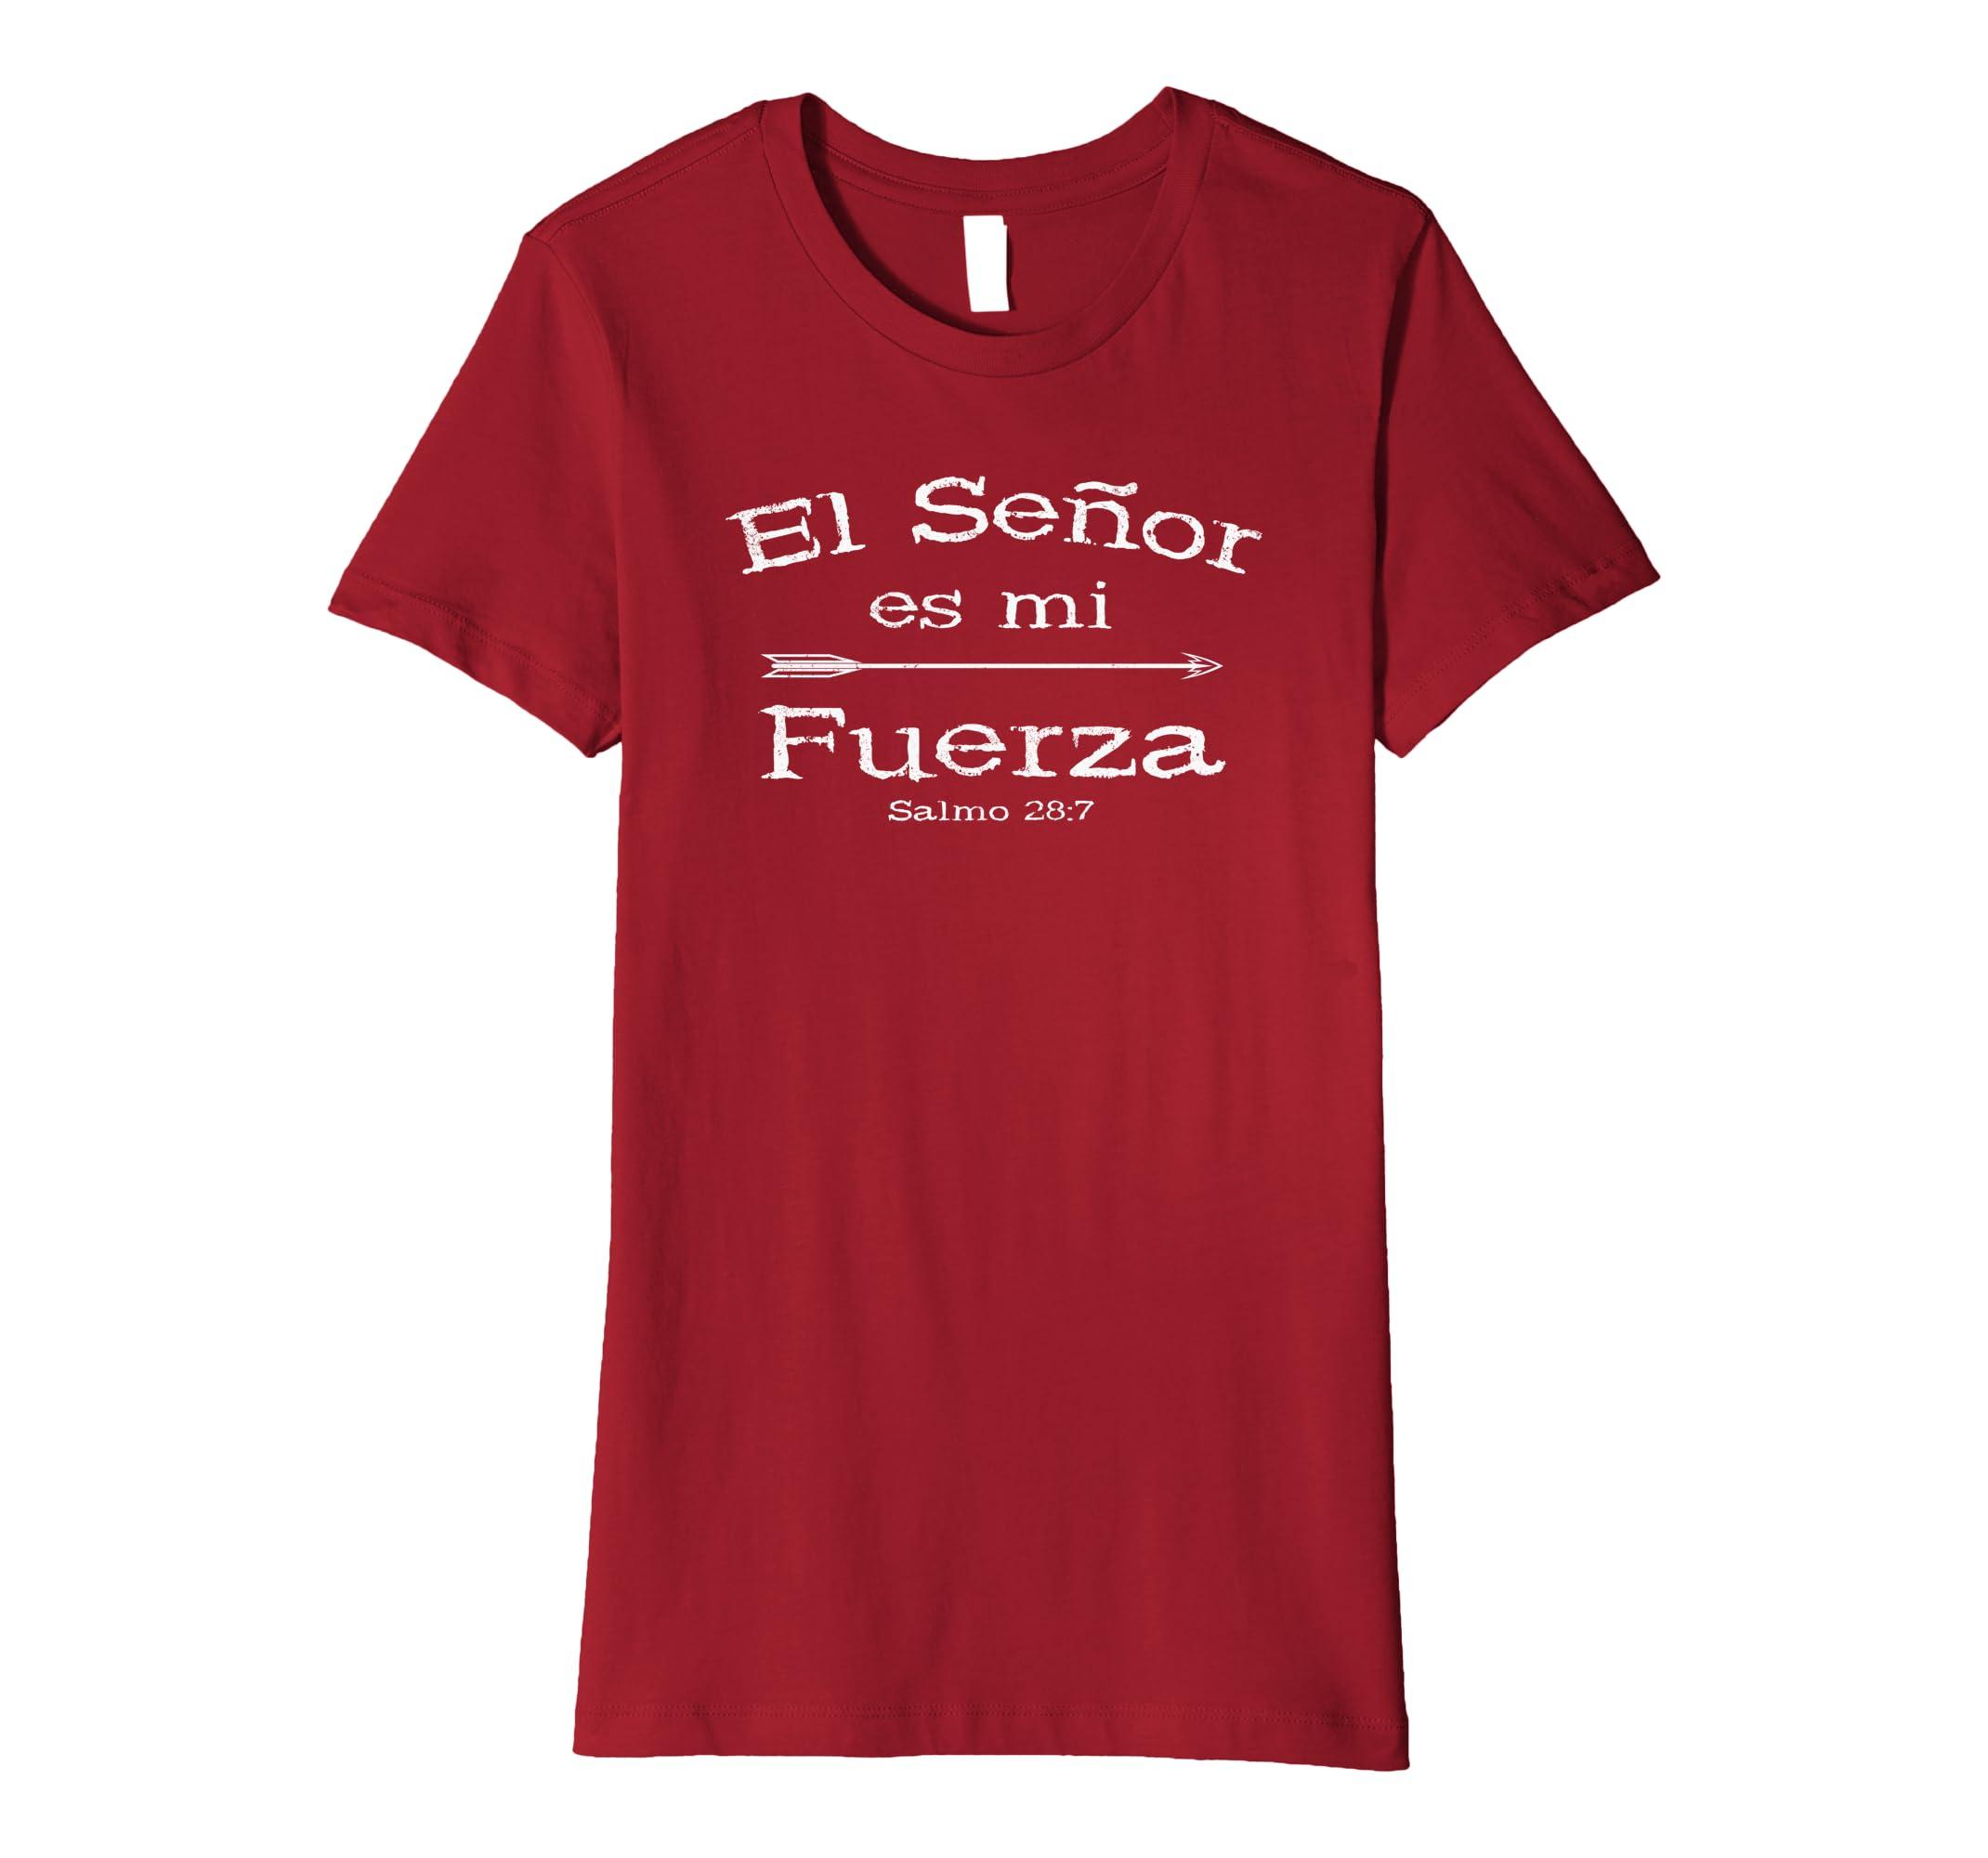 Amazon.com: Camisas Cristianas Espanolas para hombres y mujeres: Clothing